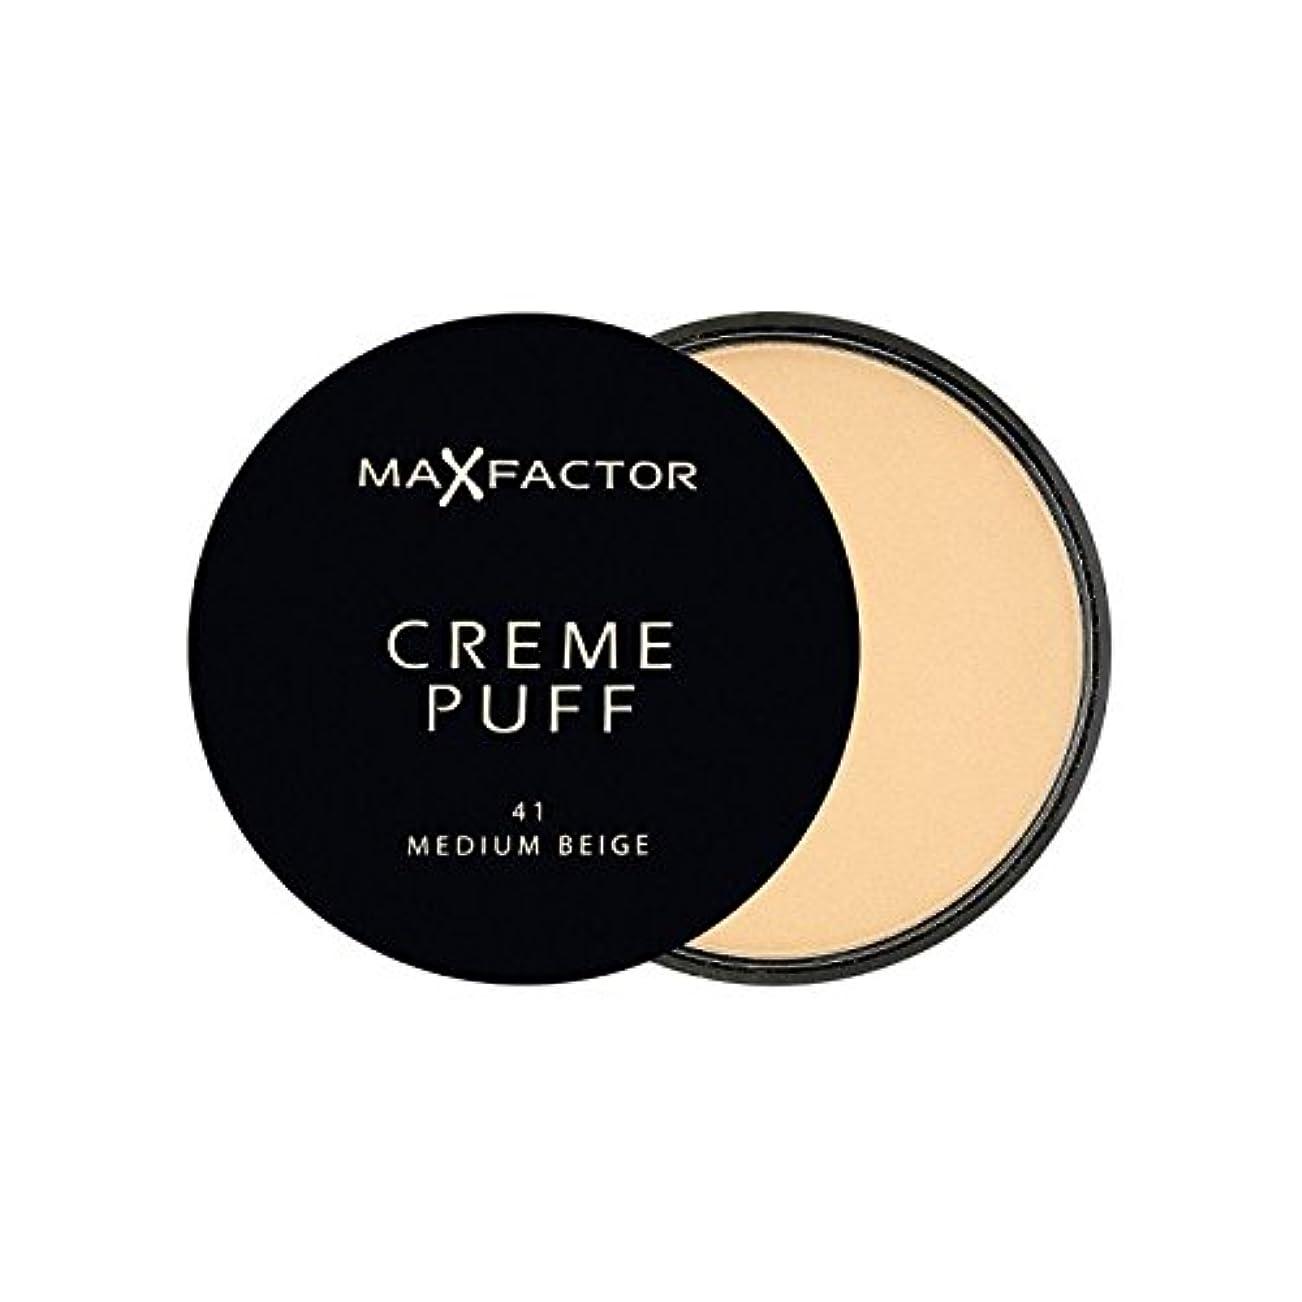 疫病女王ディスコマックスファクタークリームパフ粉末コンパクト媒体ベージュ41 x2 - Max Factor Creme Puff Powder Compact Medium Beige 41 (Pack of 2) [並行輸入品]